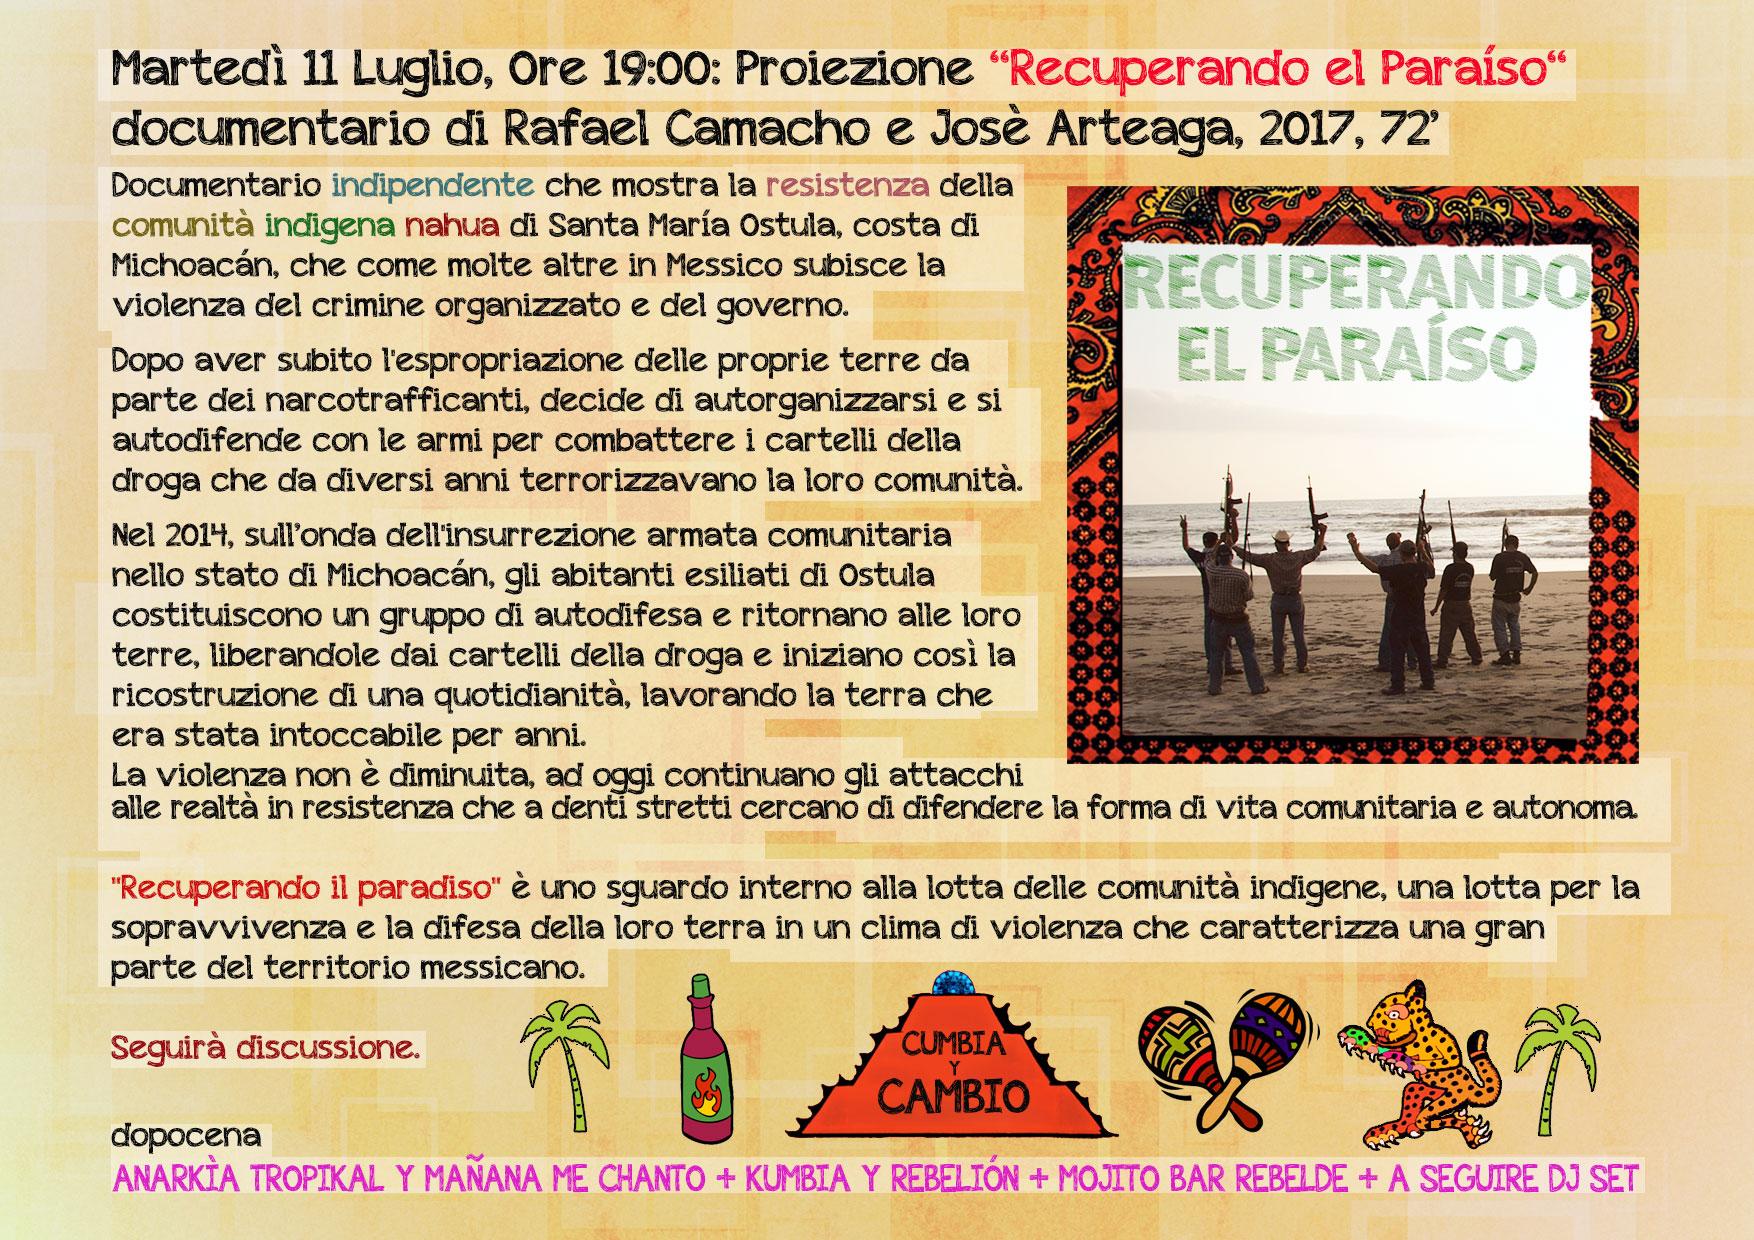 11.07.2017 - Cumbia y Rebelión - Mañana Me Chanto y Anarkía Tropikal 1